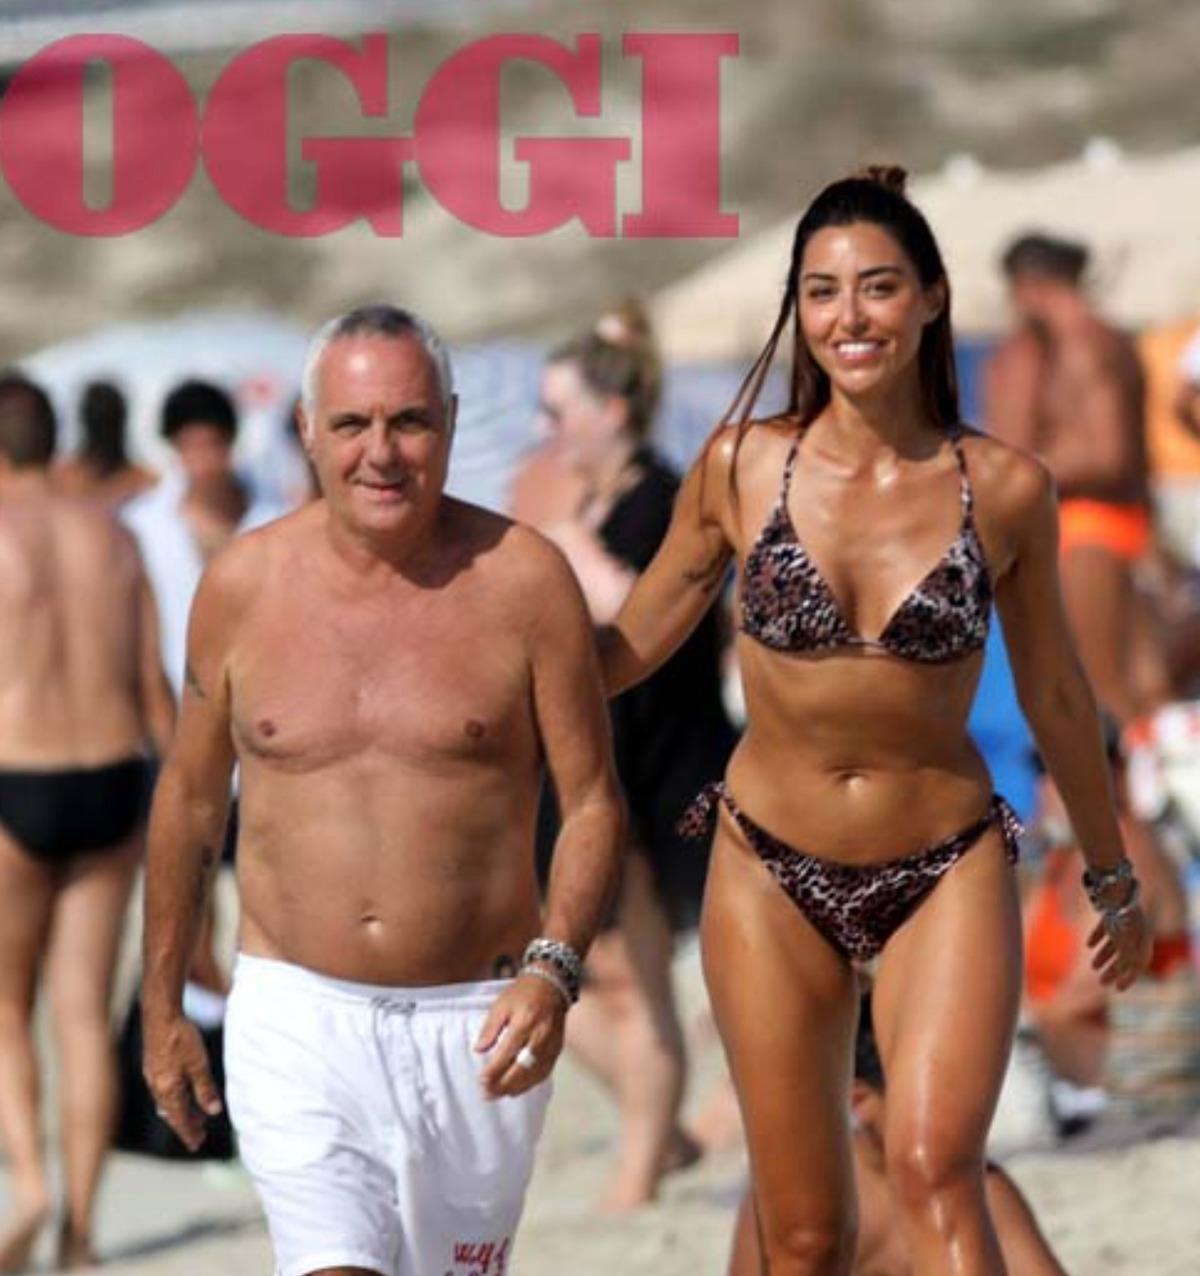 giorgio panariello fidanzata compagna claudia capellini età anni